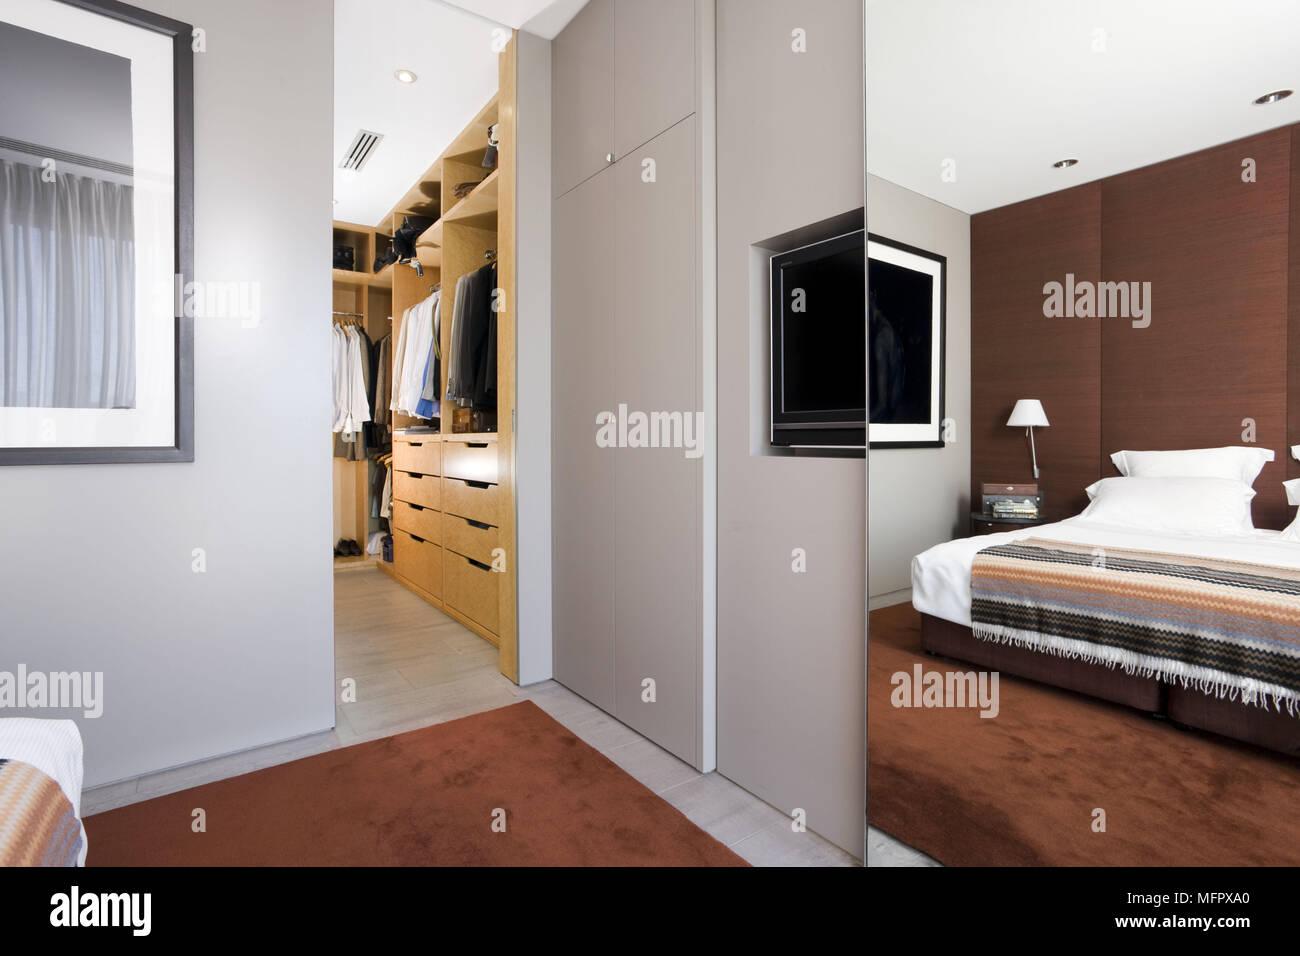 Verspiegelte Schiebetür Tür Verbergen Fernsehen Und Einbauschränke In  Moderne Schlafzimmer Mit Einem Angrenzenden Ankleidezimmer